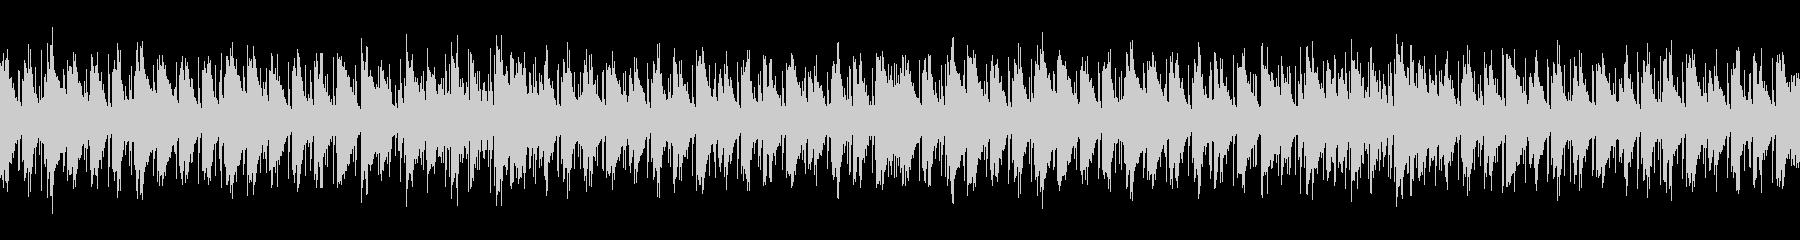 音があまり気にならないオシャレなBGMの未再生の波形